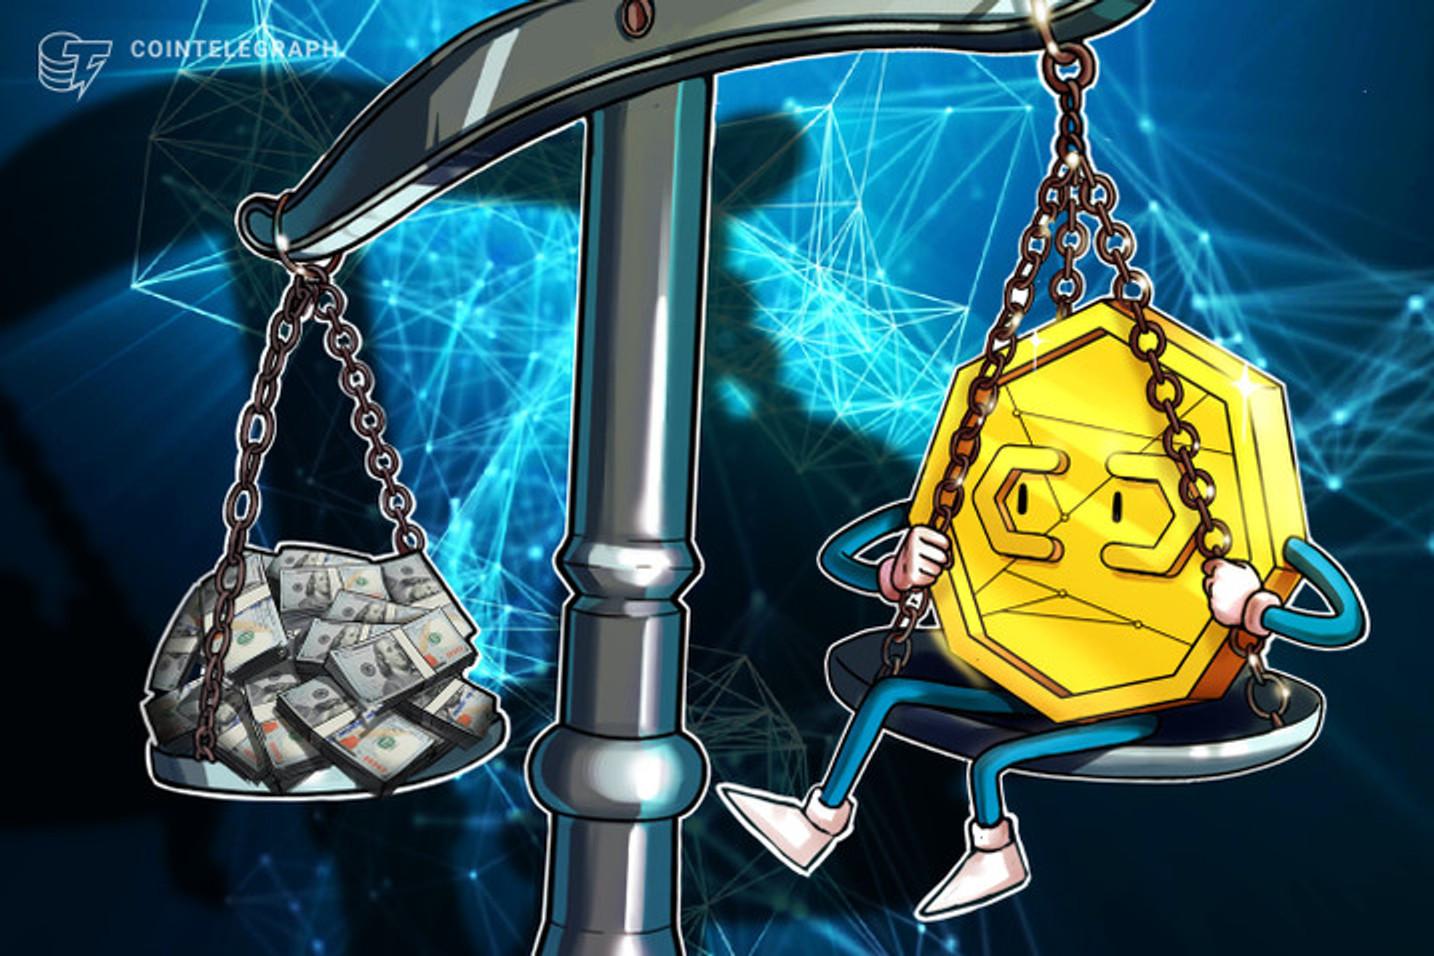 米現金給付金FOMO 仮想通貨ビットコインにも来るか?